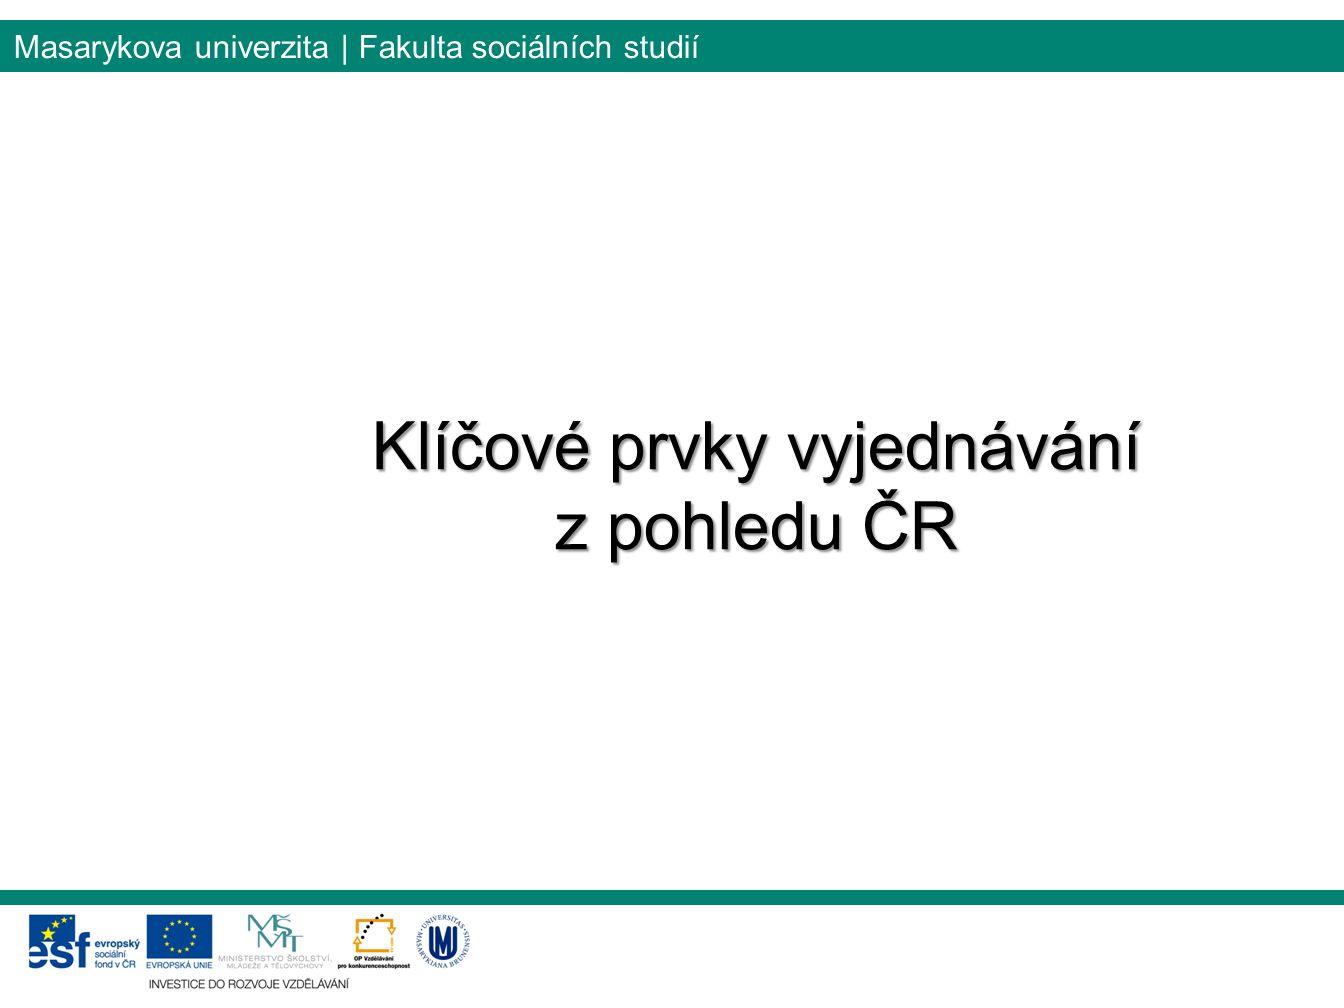 Masarykova univerzita | Fakulta sociálních studií Klíčové prvky vyjednávání z pohledu ČR